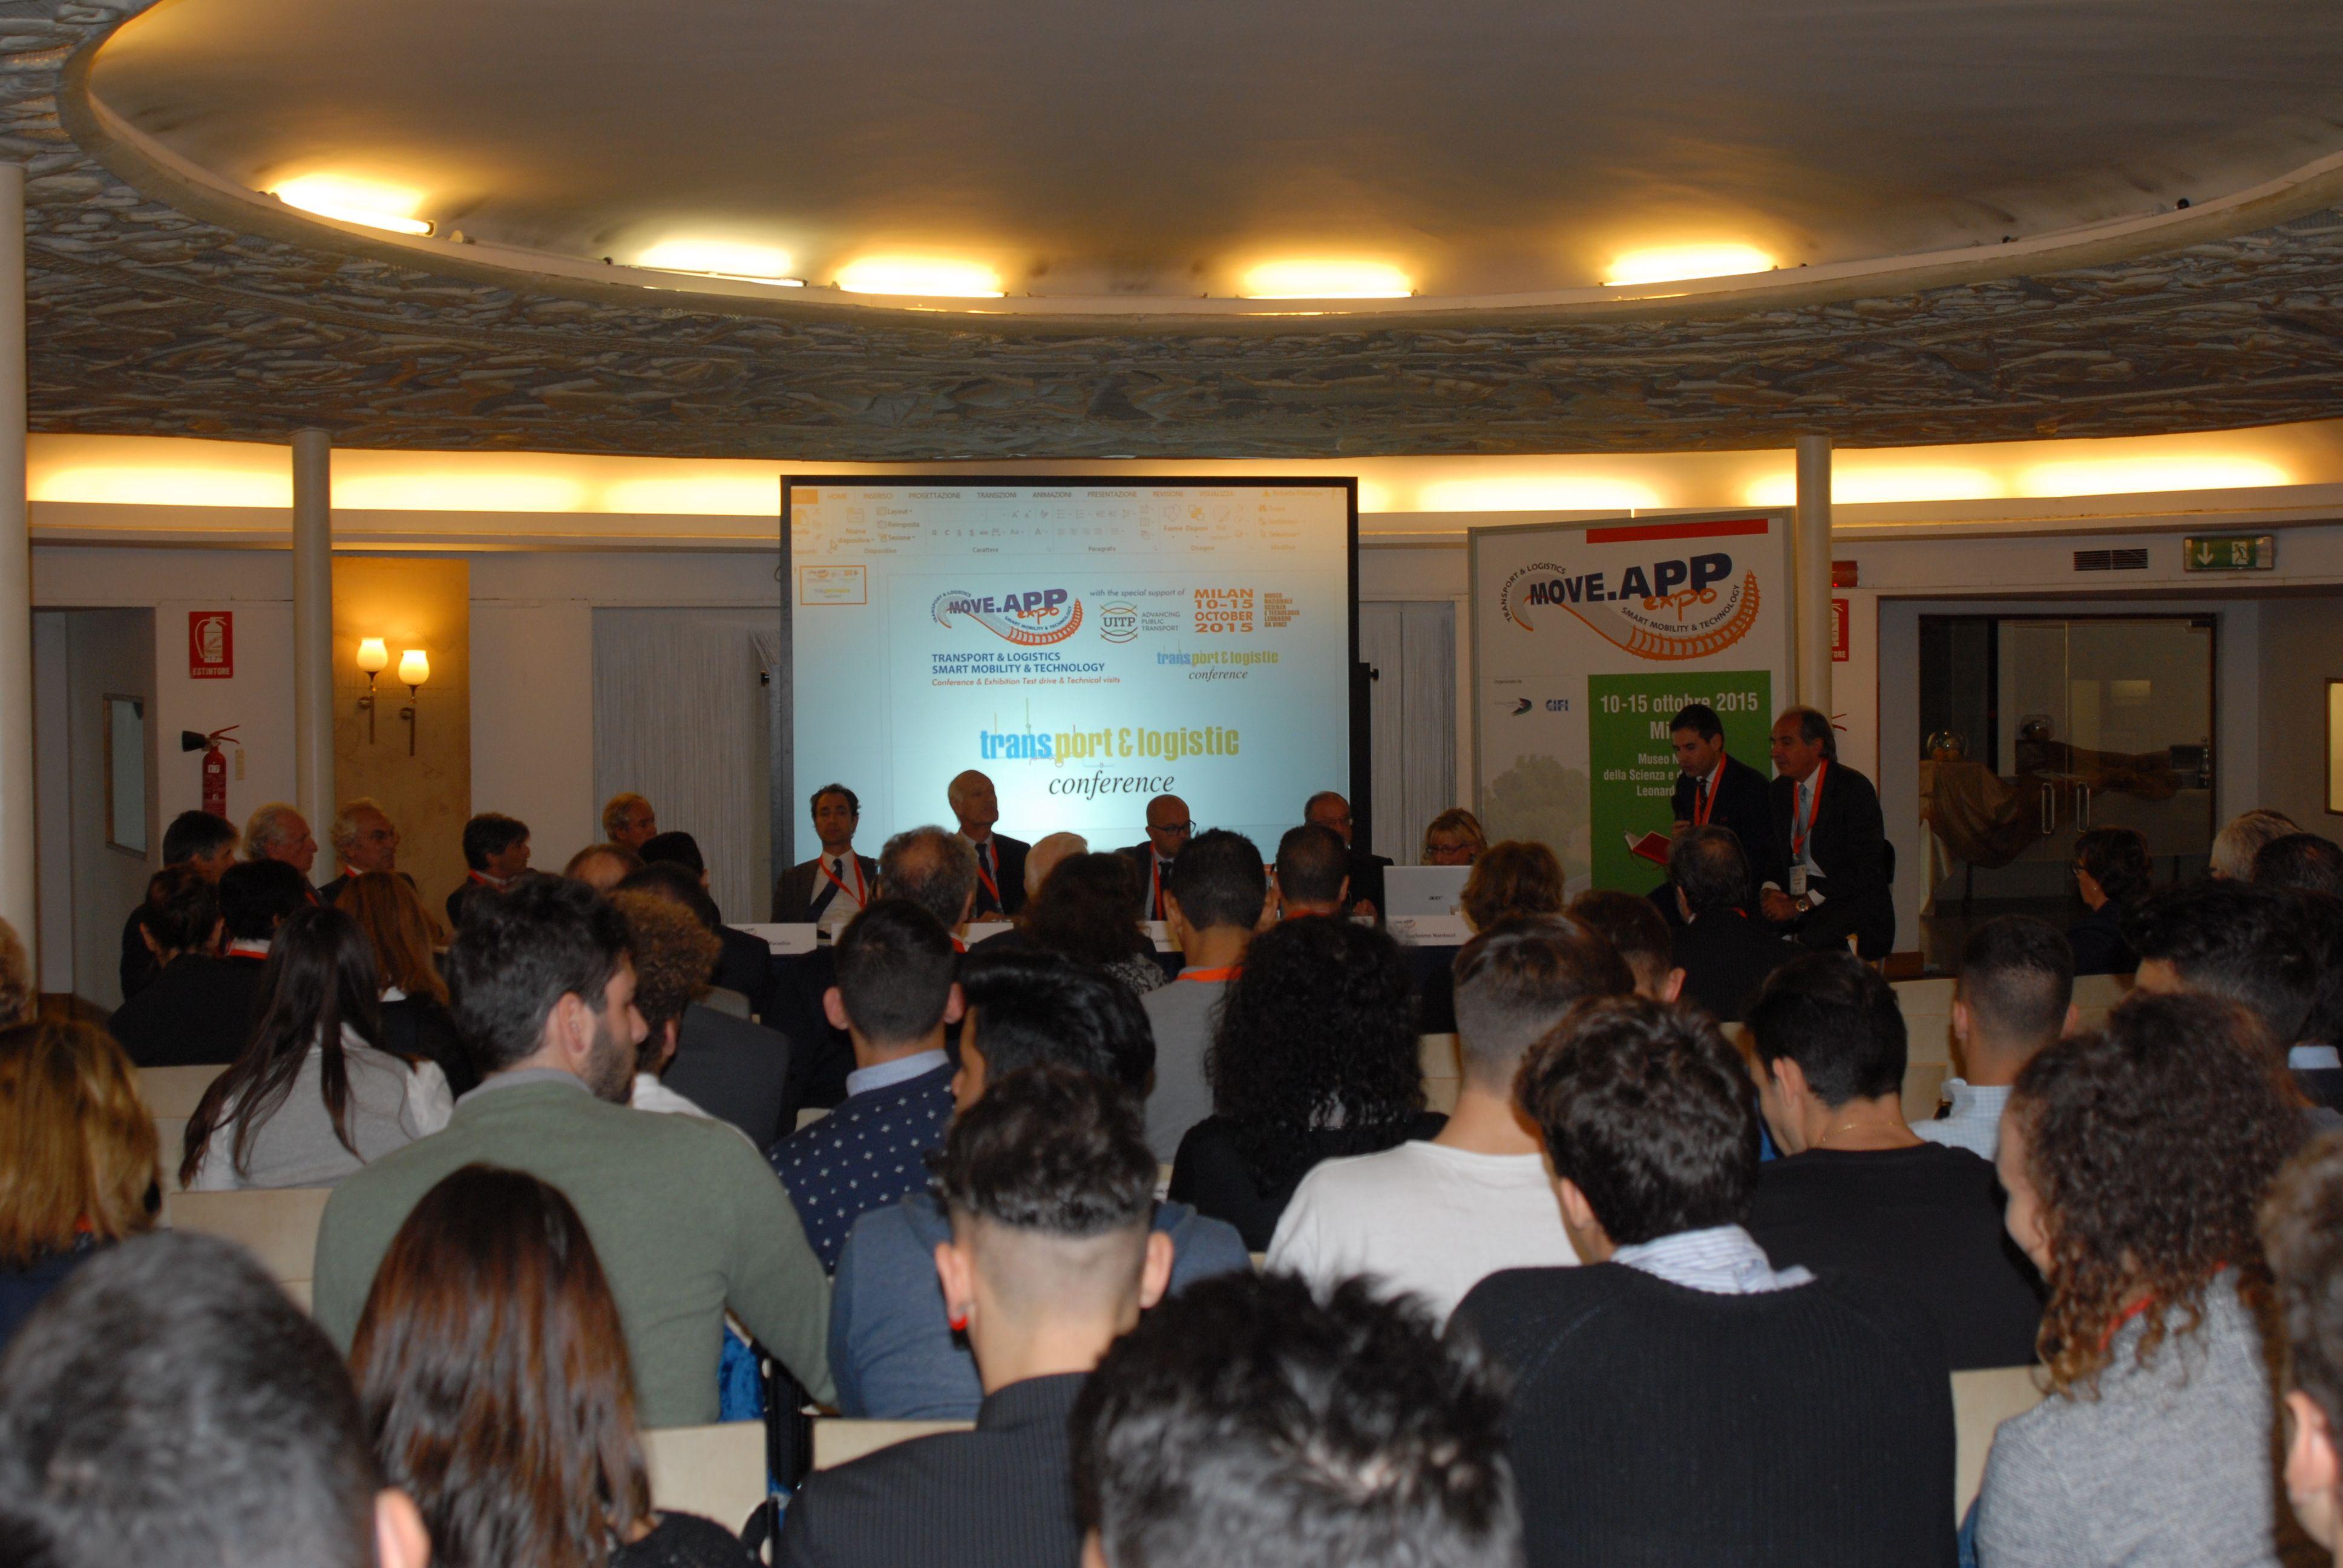 14 ottobre 2015 alla terza edizione del Move.App Expo la Transport & Logistic Conference in collaborazione con Telenord